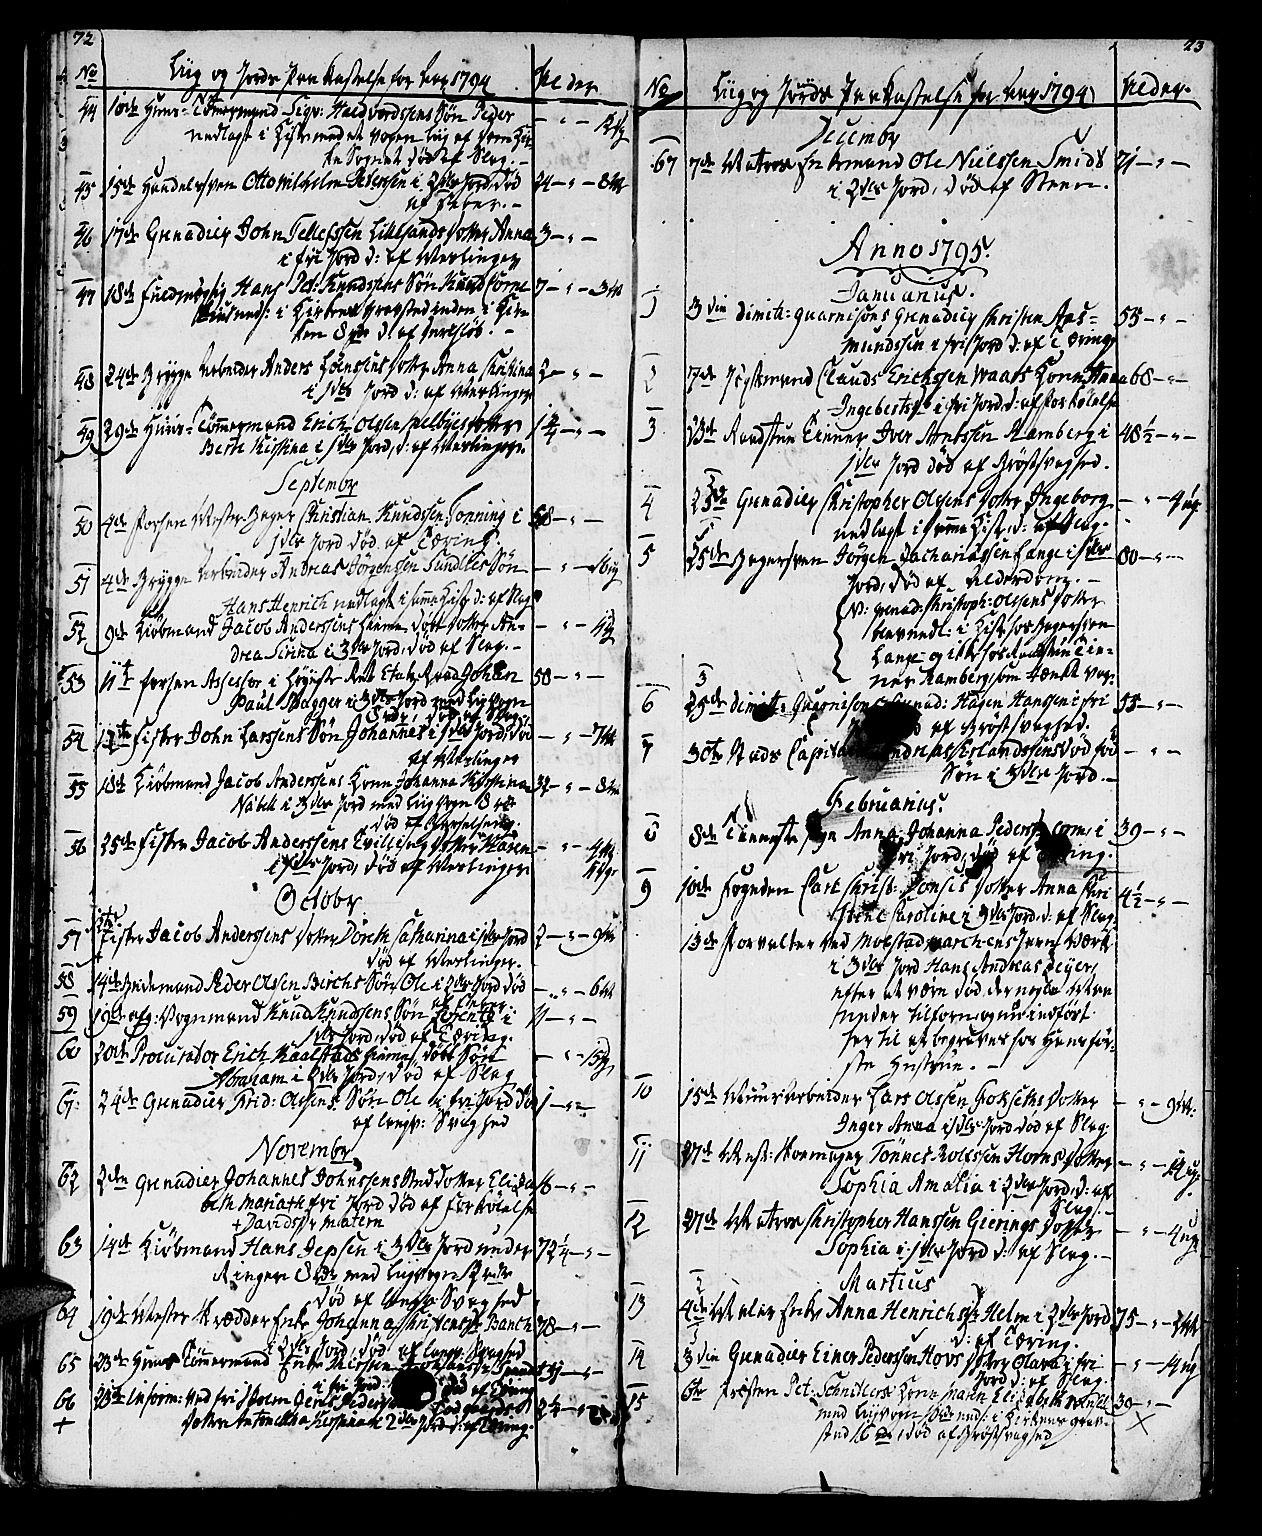 SAT, Ministerialprotokoller, klokkerbøker og fødselsregistre - Sør-Trøndelag, 602/L0134: Klokkerbok nr. 602C02, 1759-1812, s. 72-73